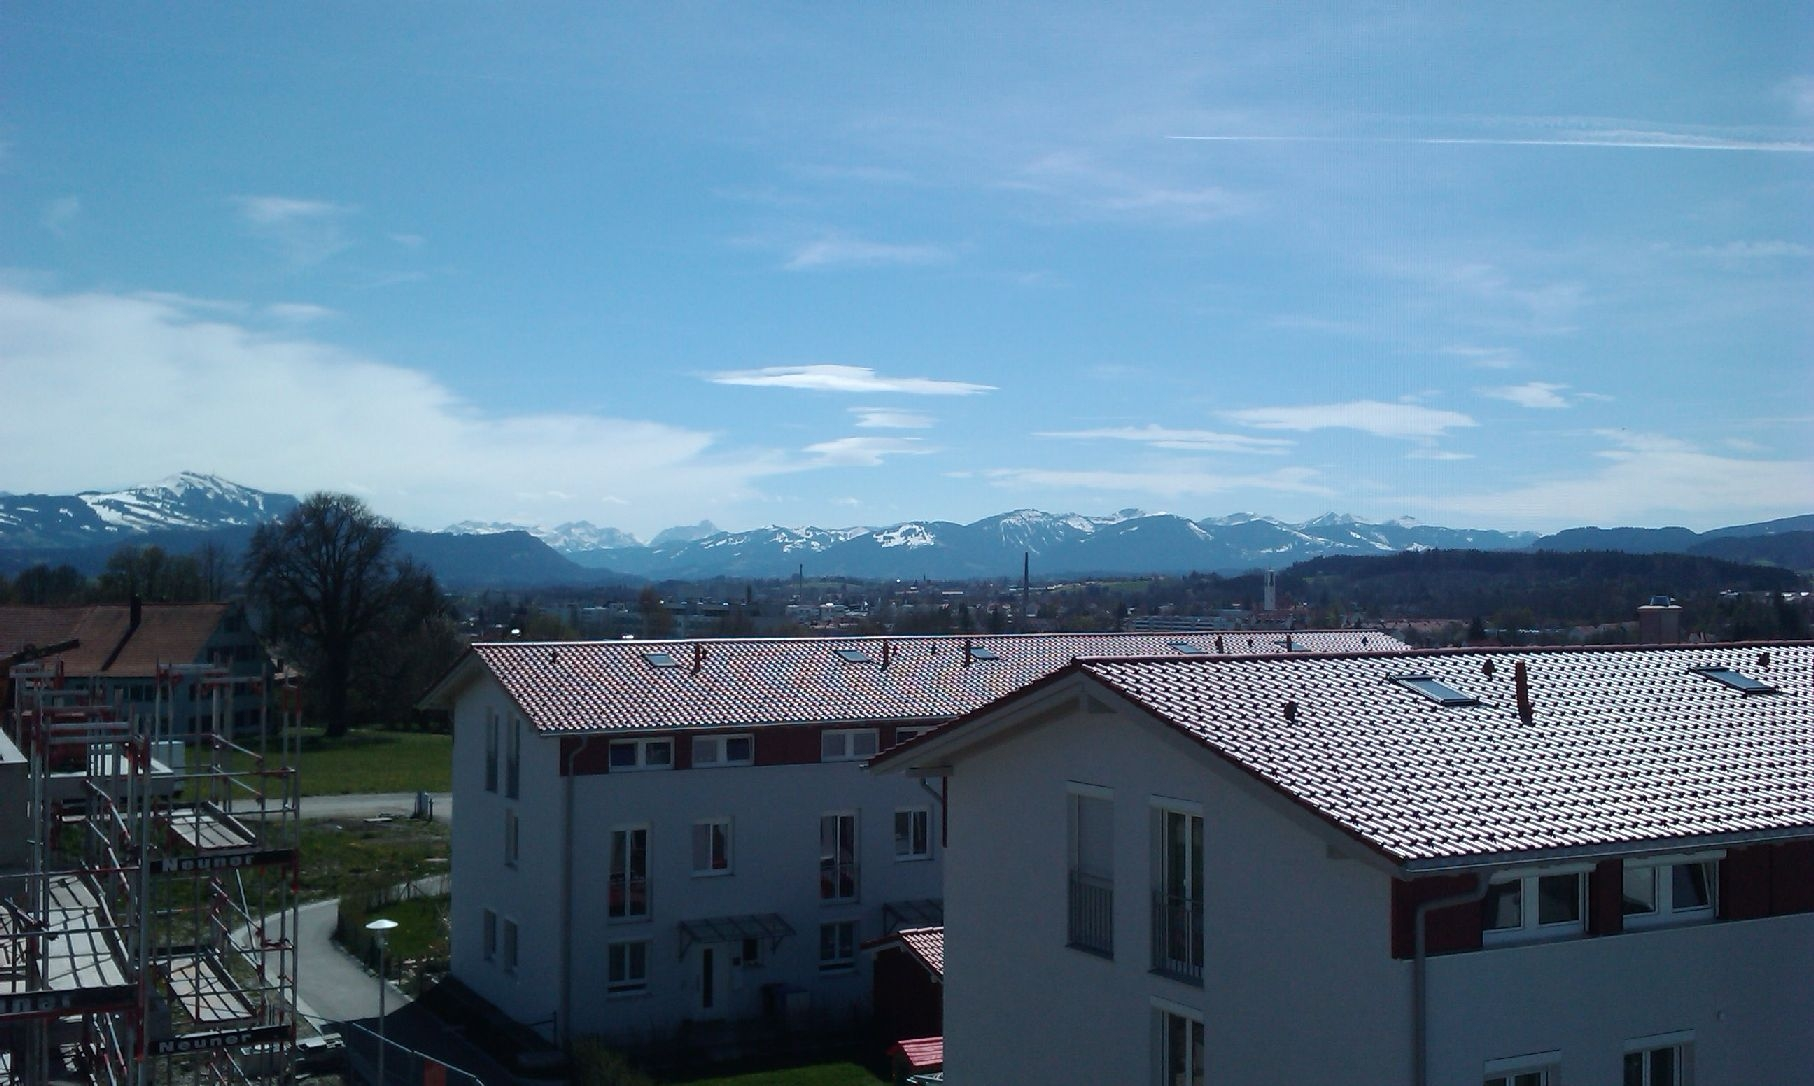 wunderbare Bergsicht _.JPG